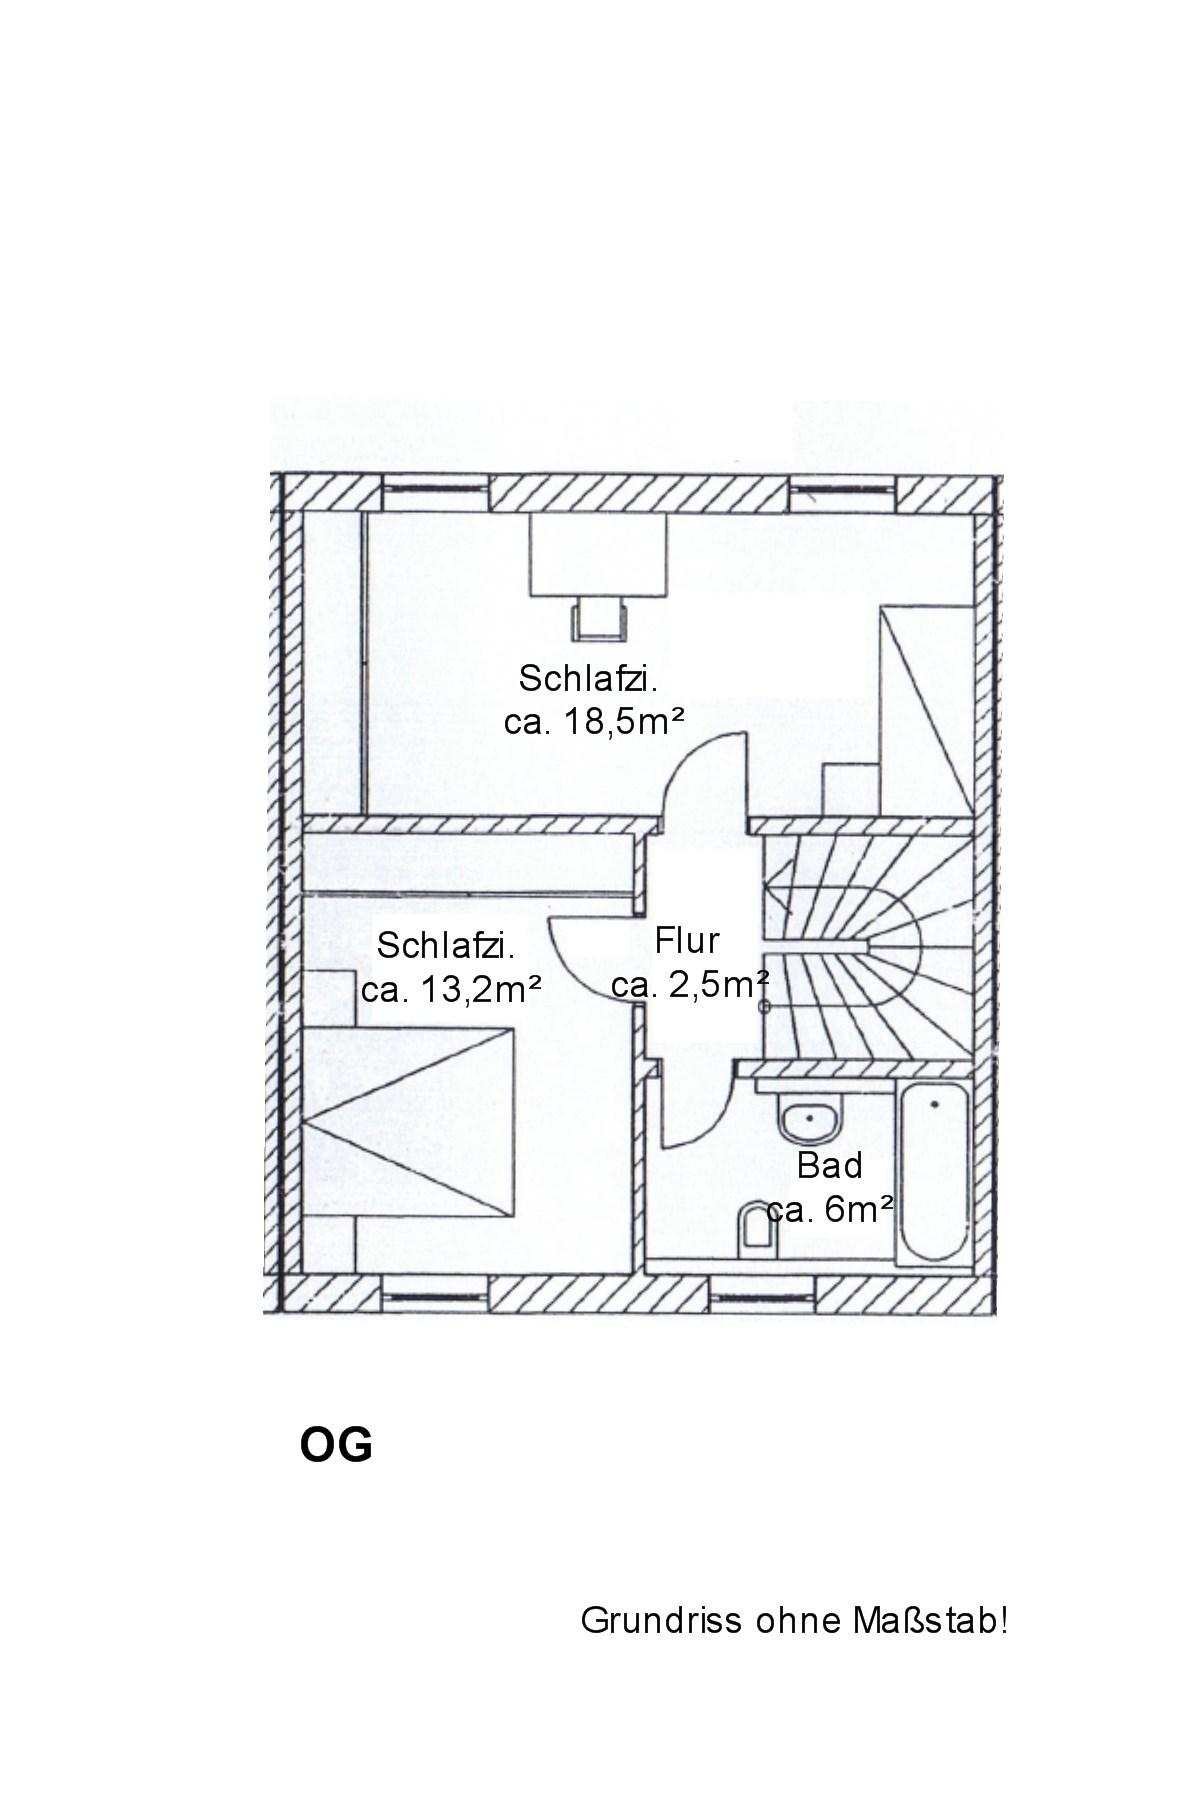 reihenhaus zu verkaufen in 84032 landshut, immobilien f.j. deutsch, Badezimmer ideen